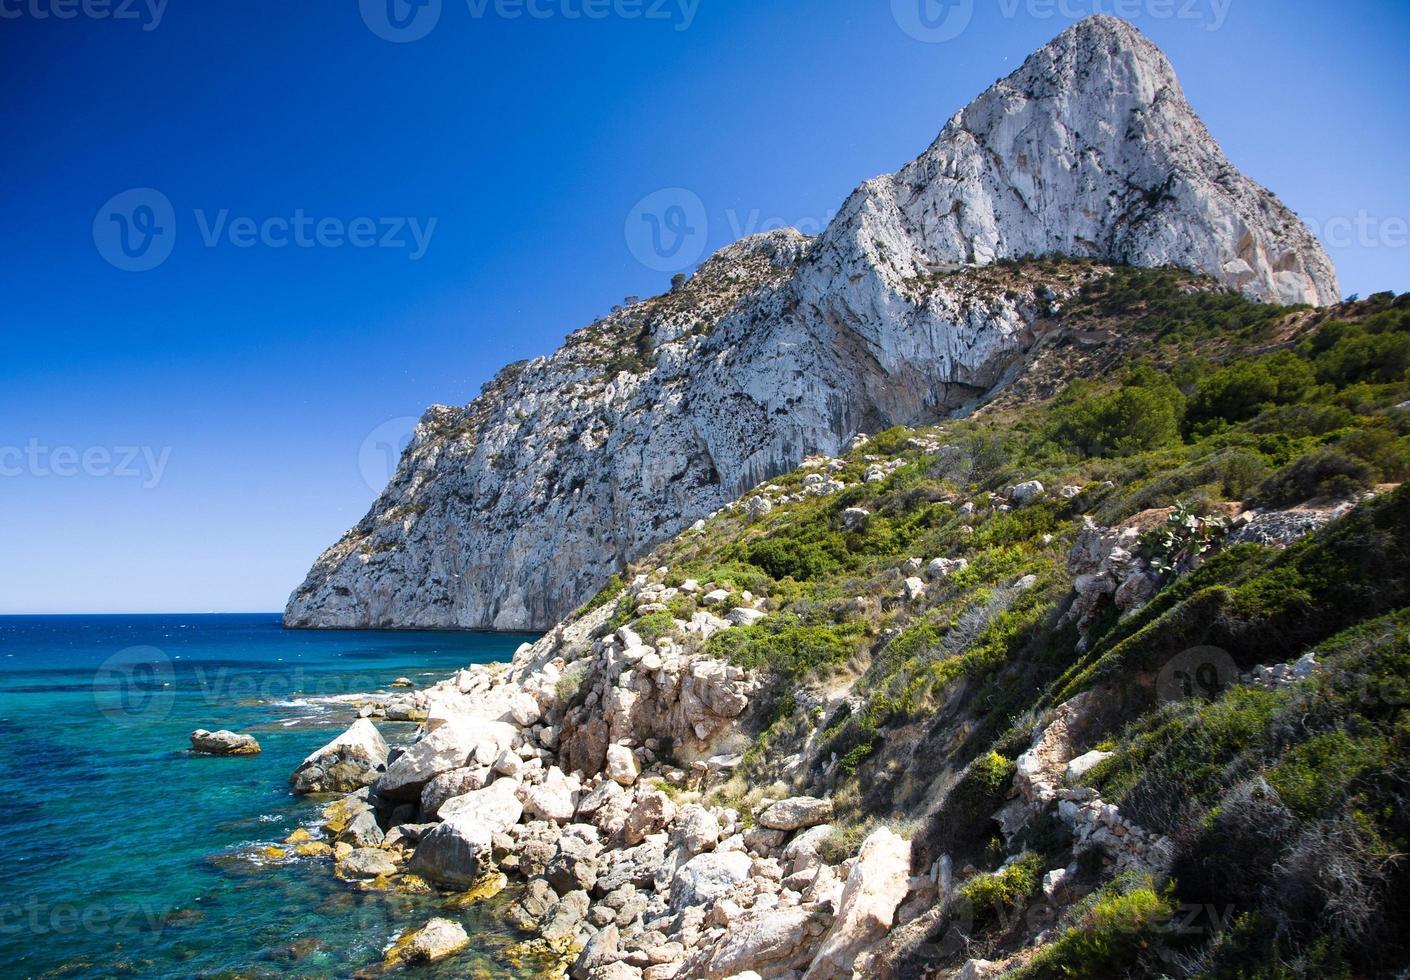 klippa och havslandskap foto